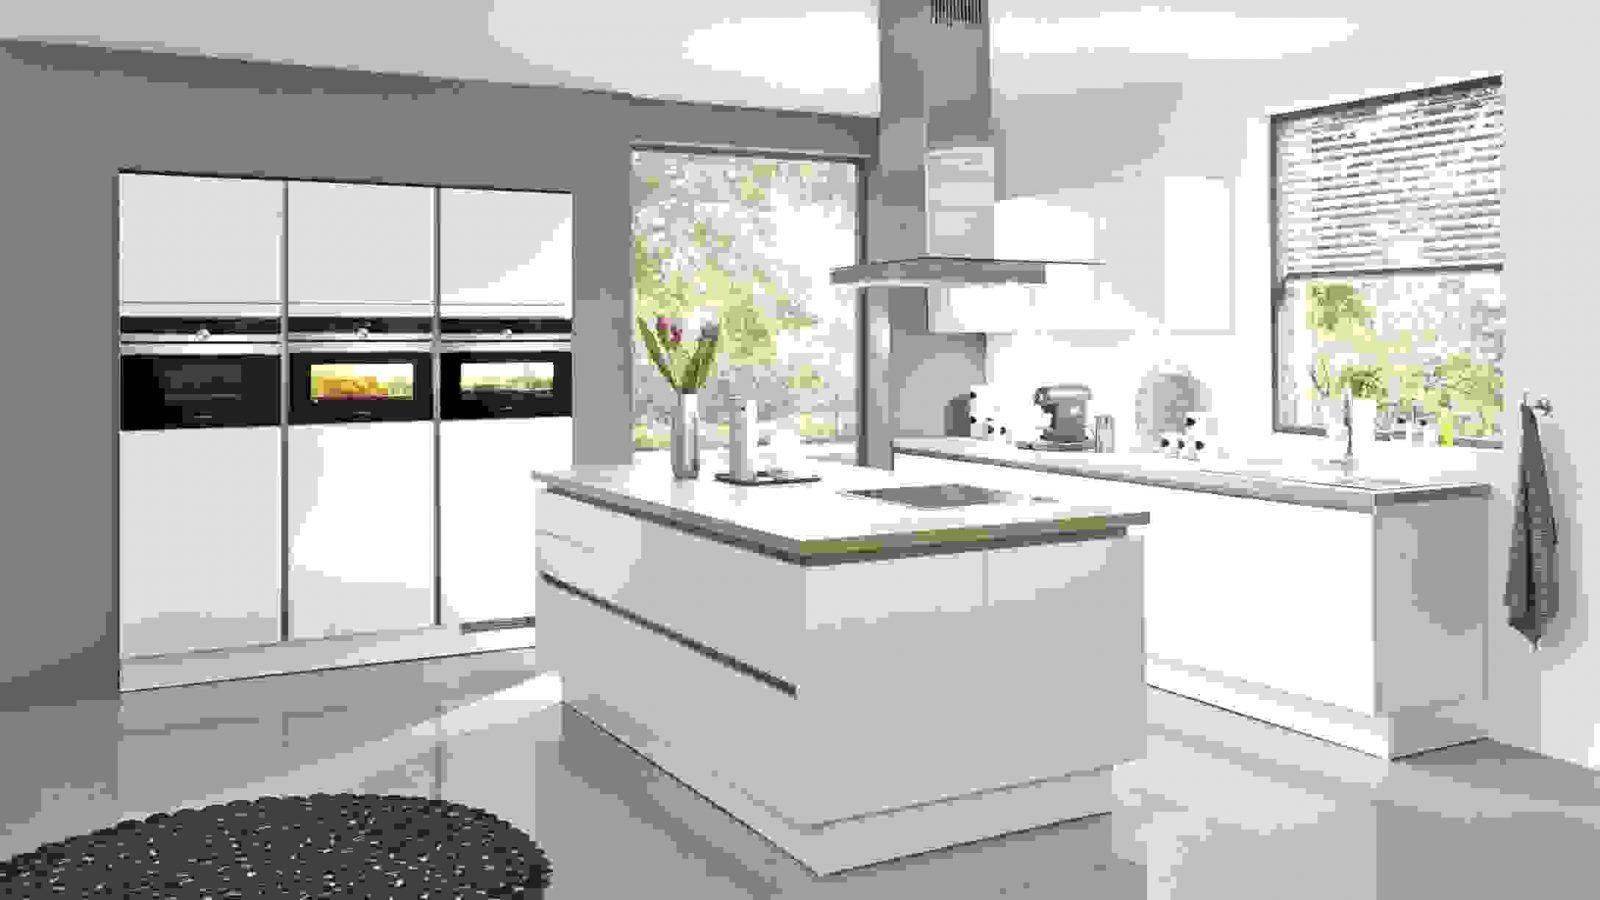 Atemberaubende Ideen F R Dein Zuhause Archives Wohndesign Von von Atemberaubende Ideen Für Dein Zuhause Photo